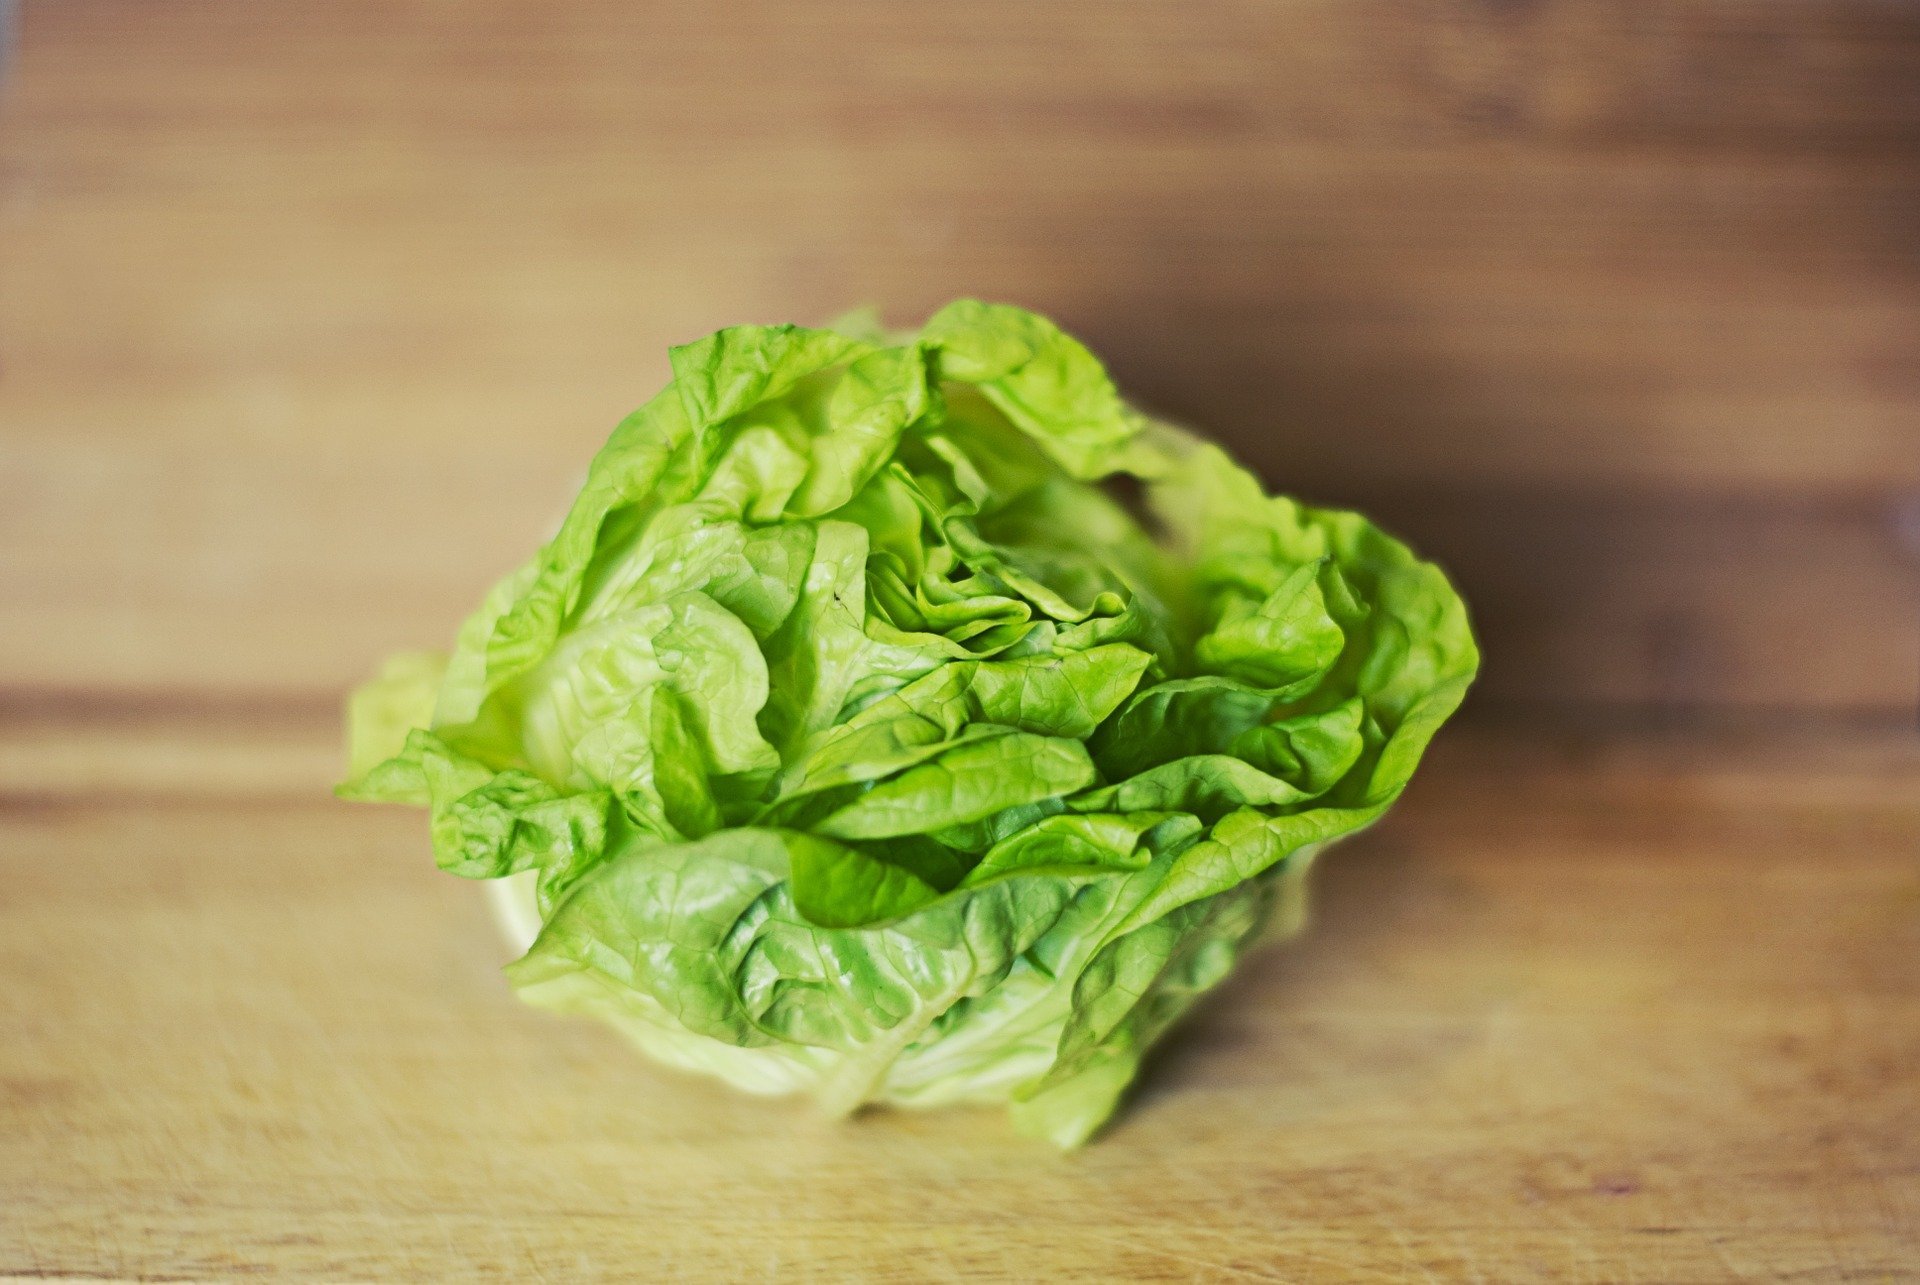 modified-atmosphere-packaging-lettuce.jpg